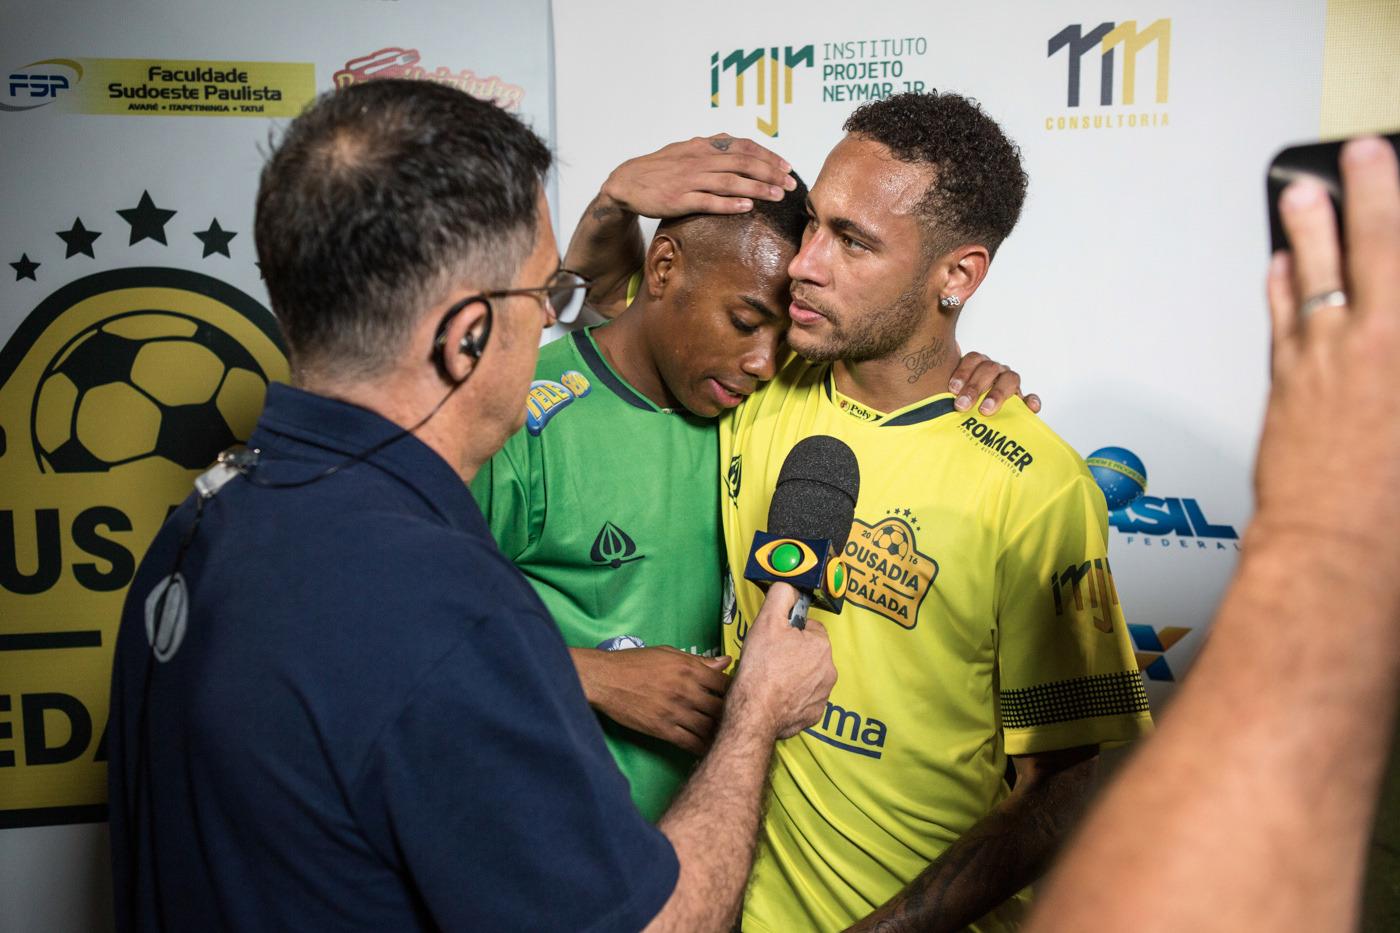 05508c6122eea Neymar Jr. e Robinho dão show em jogo beneficente